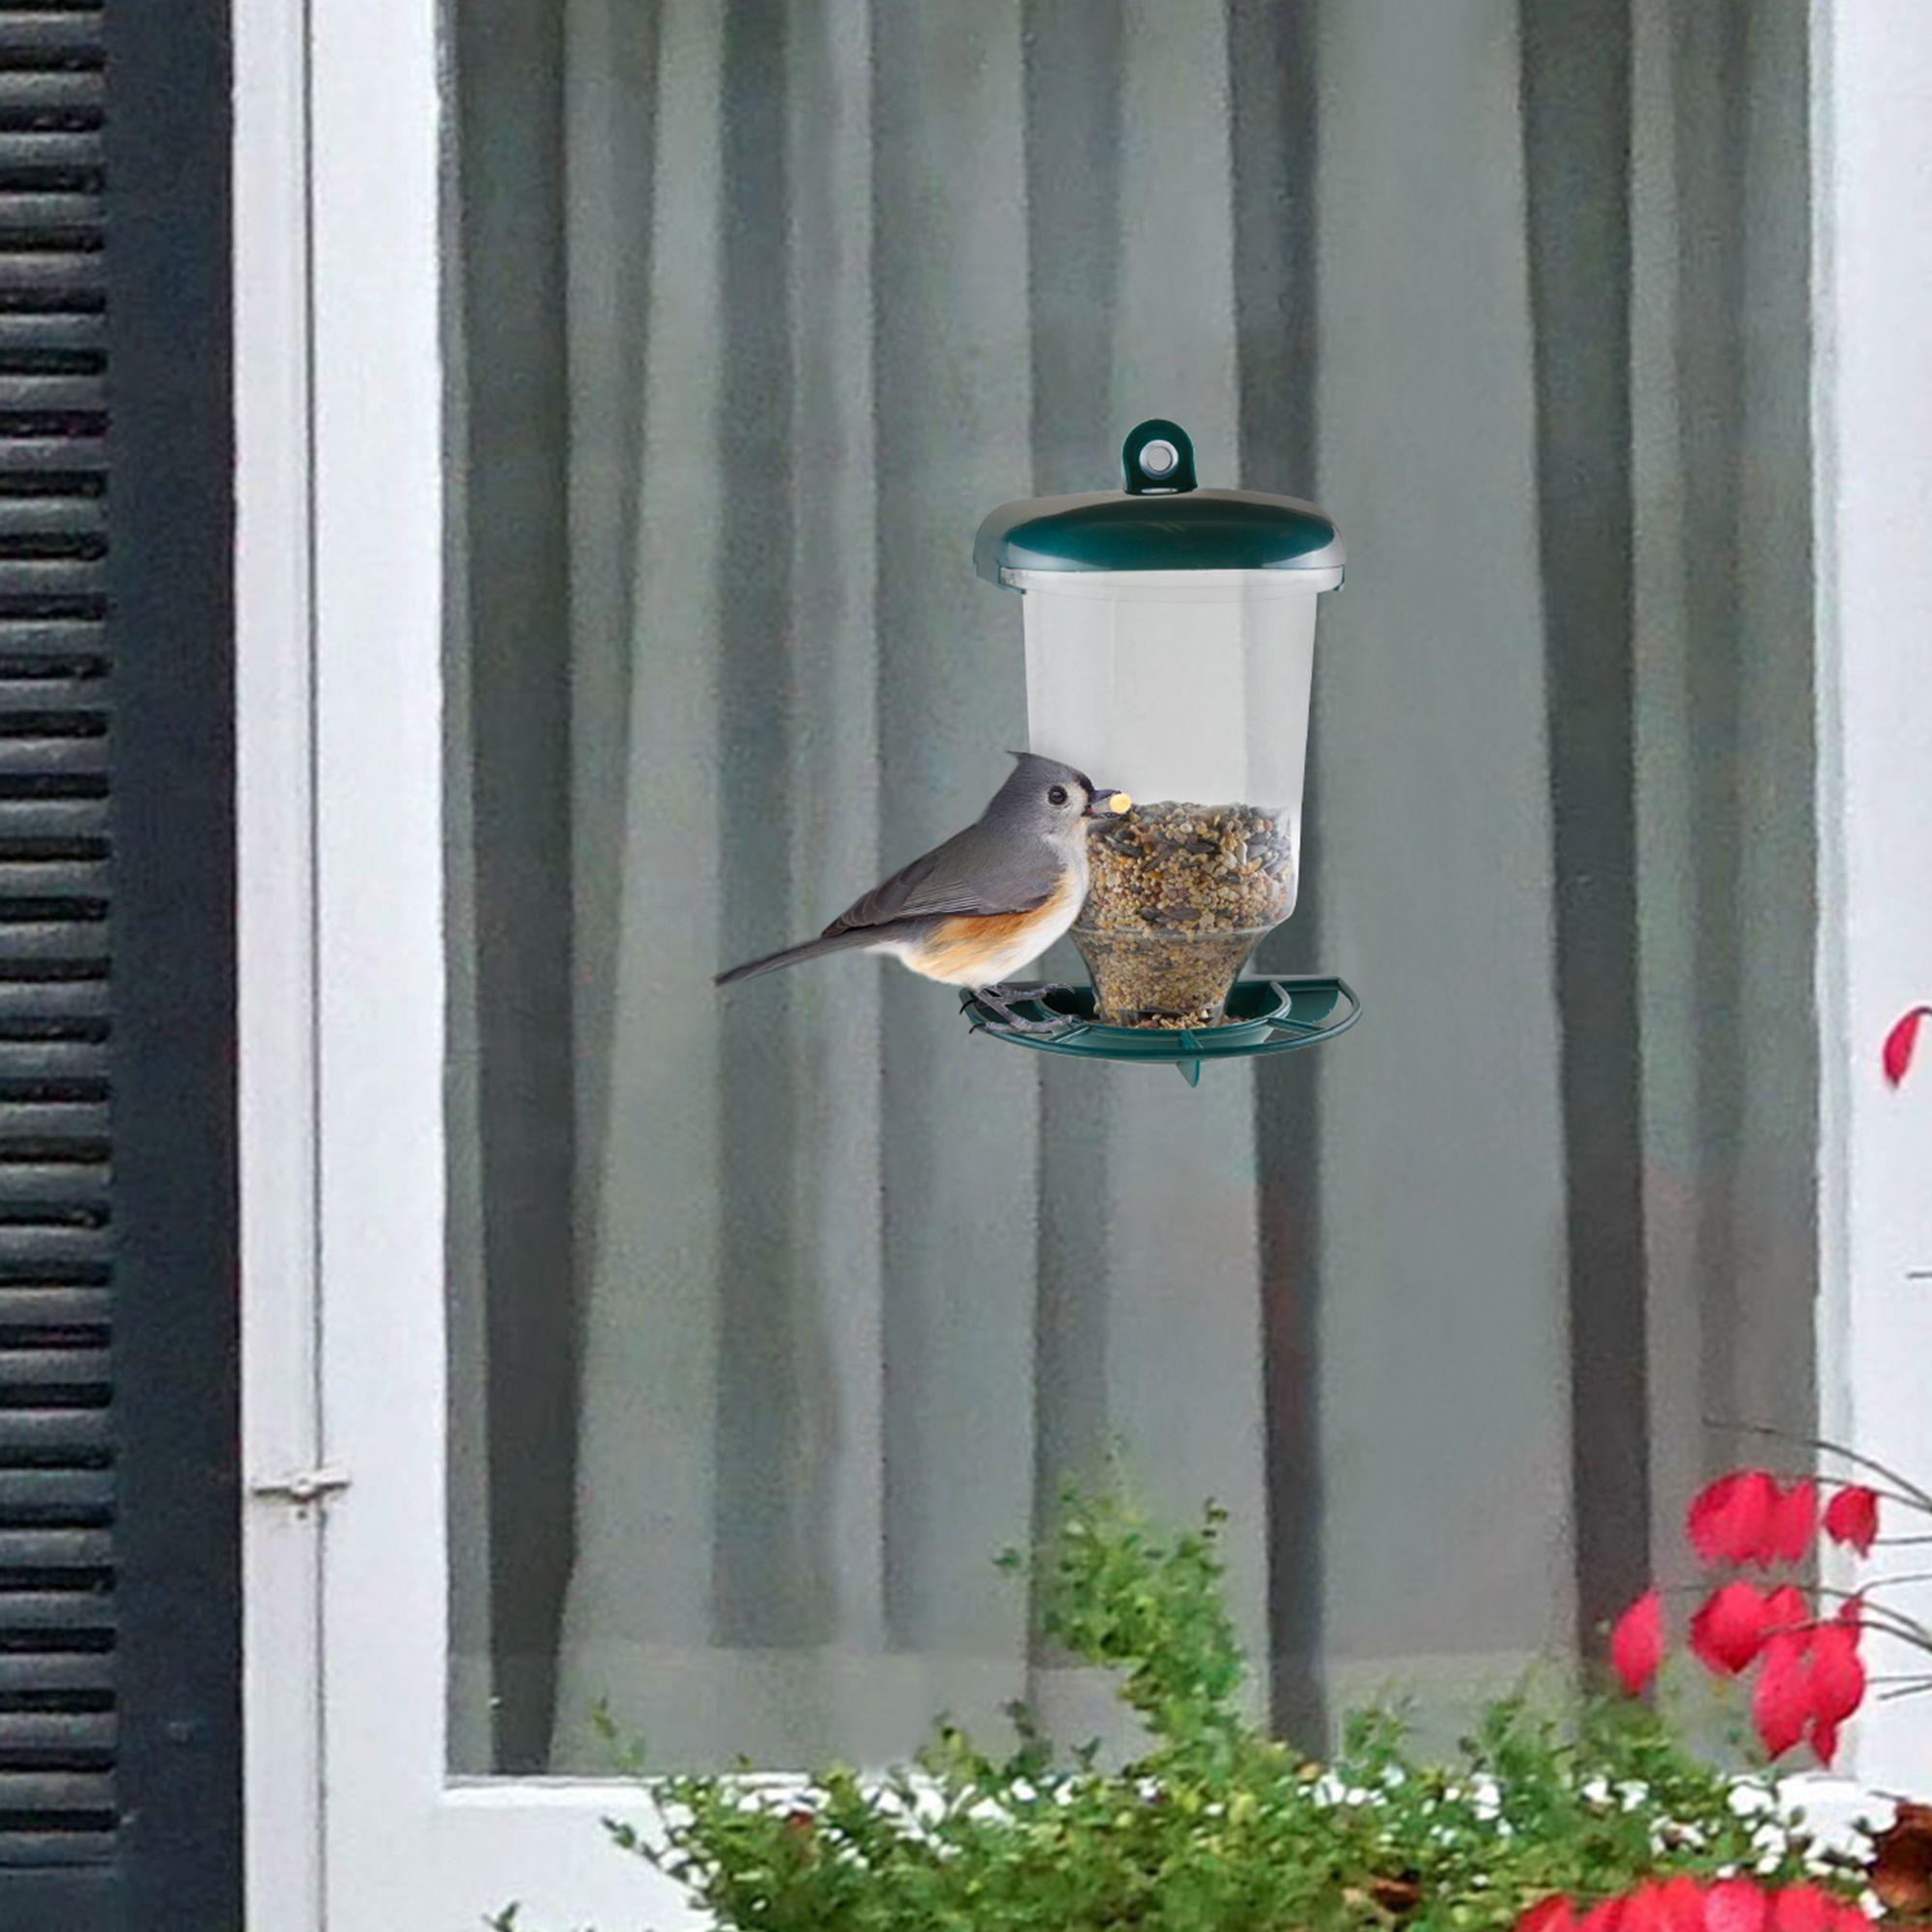 Pure Garden Window Bird Feeder Window bird feeder, Pure